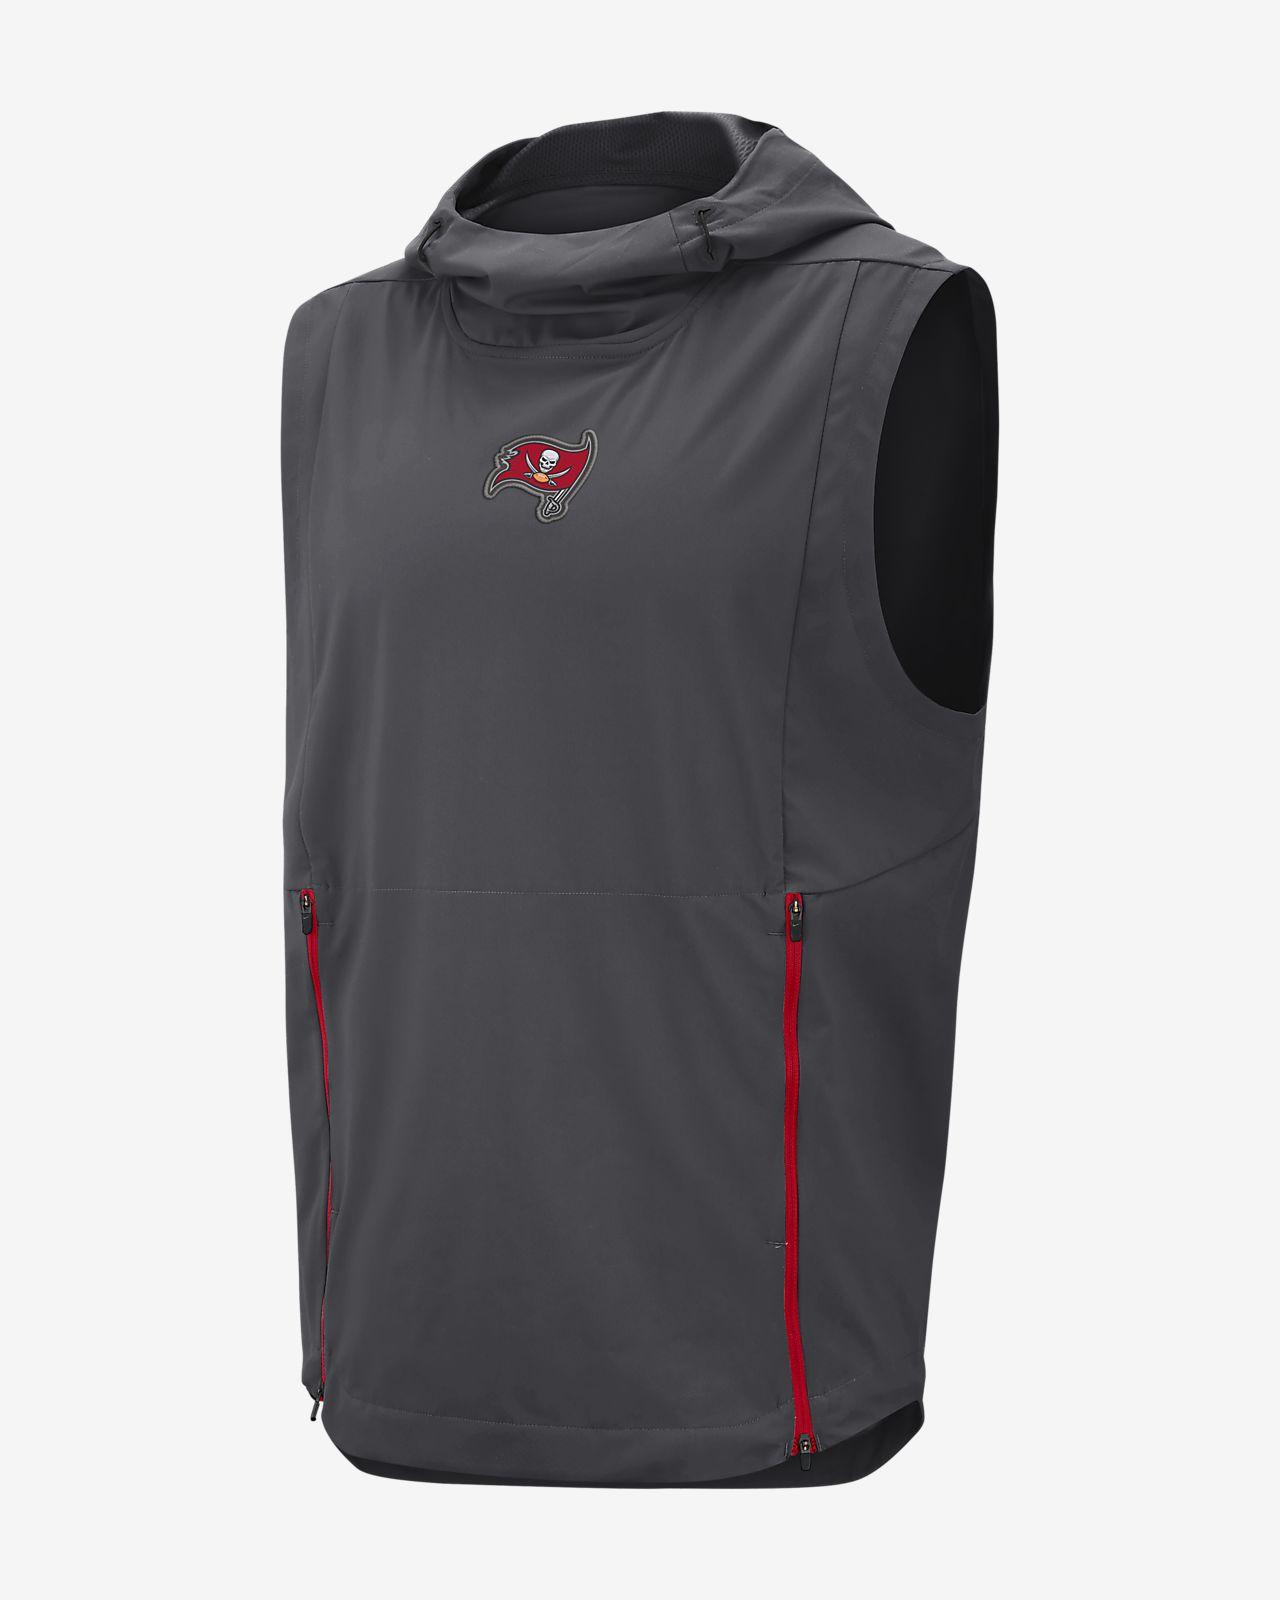 781e6493af32 Nike Shield Fly Rush (NFL Buccaneers) Men s Hooded Pullover Vest ...